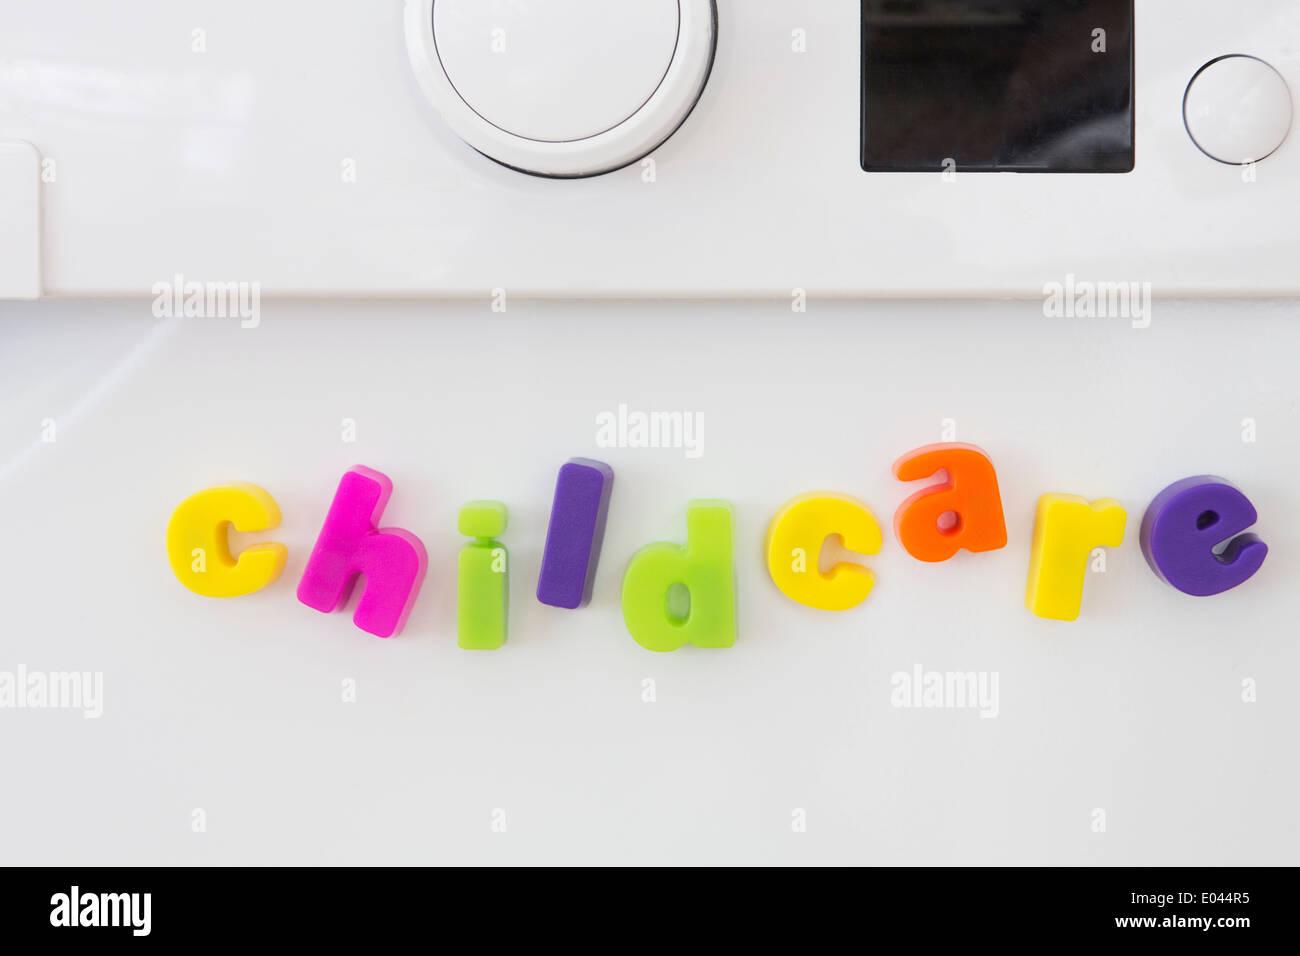 Spielzeug magnetische Buchstaben Kinderbetreuung auf Washine Maschine Stockfoto